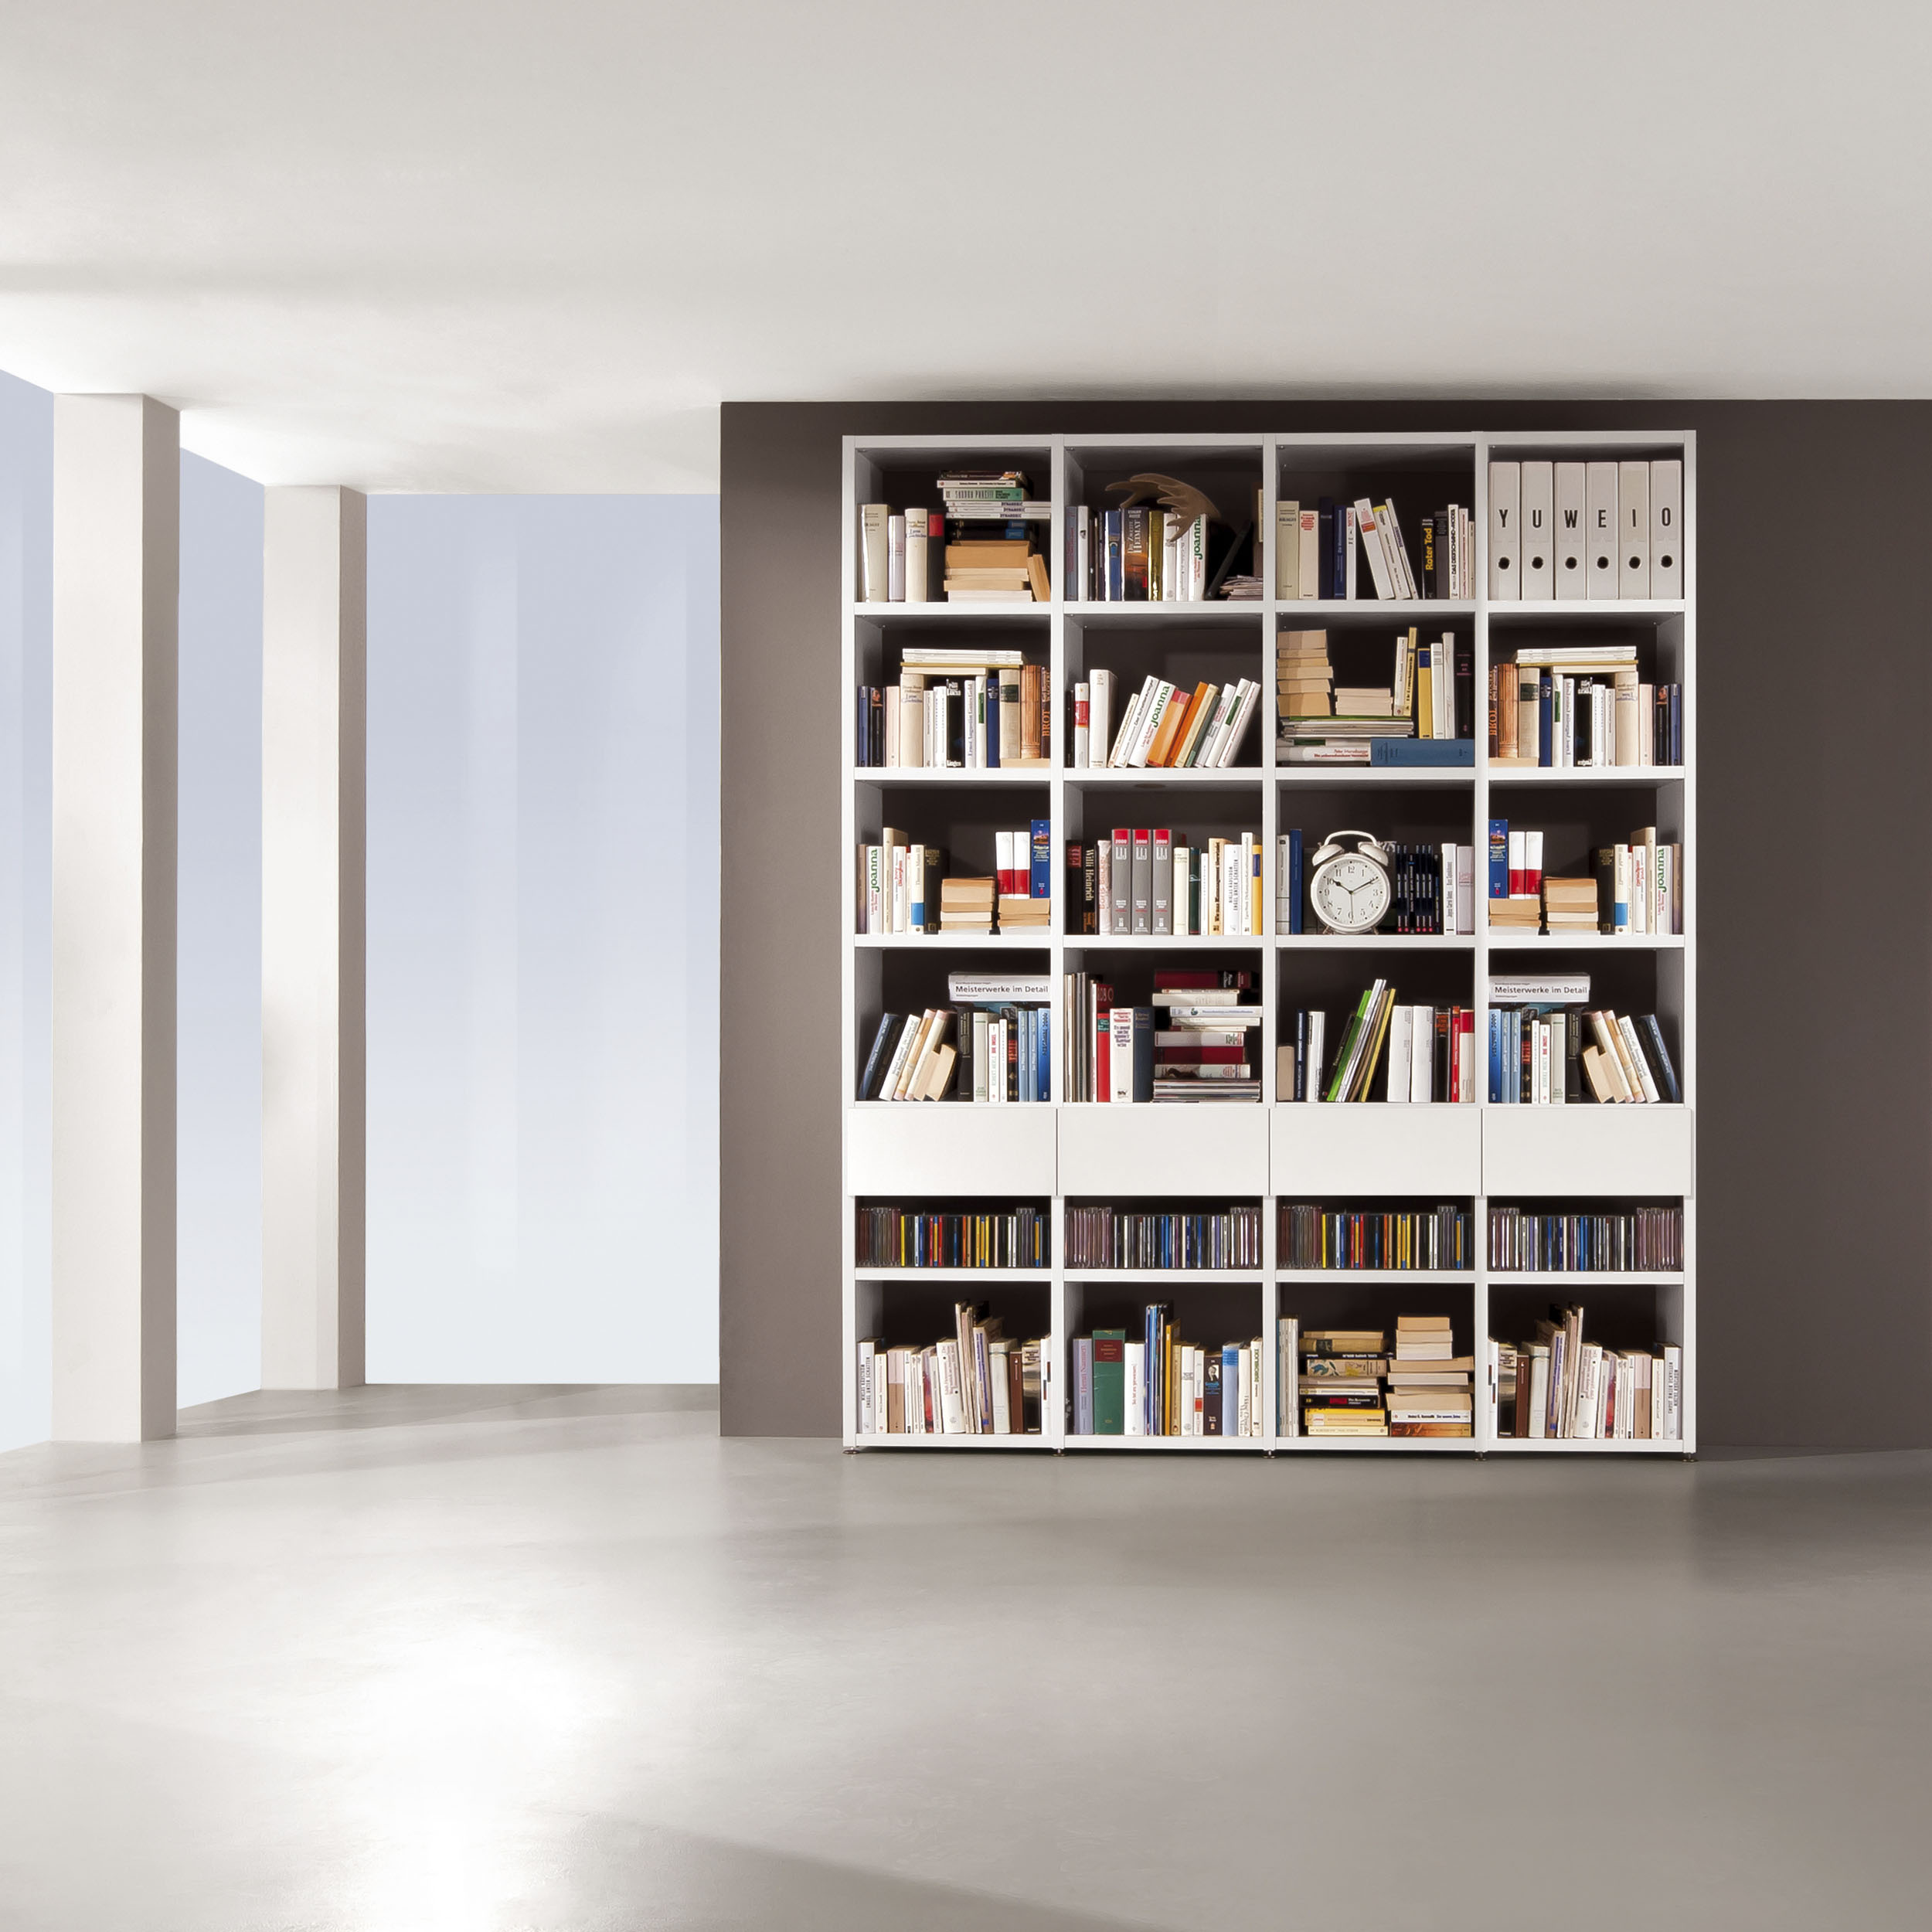 Bücherwand 2.1 Tür inkl. Rückwand